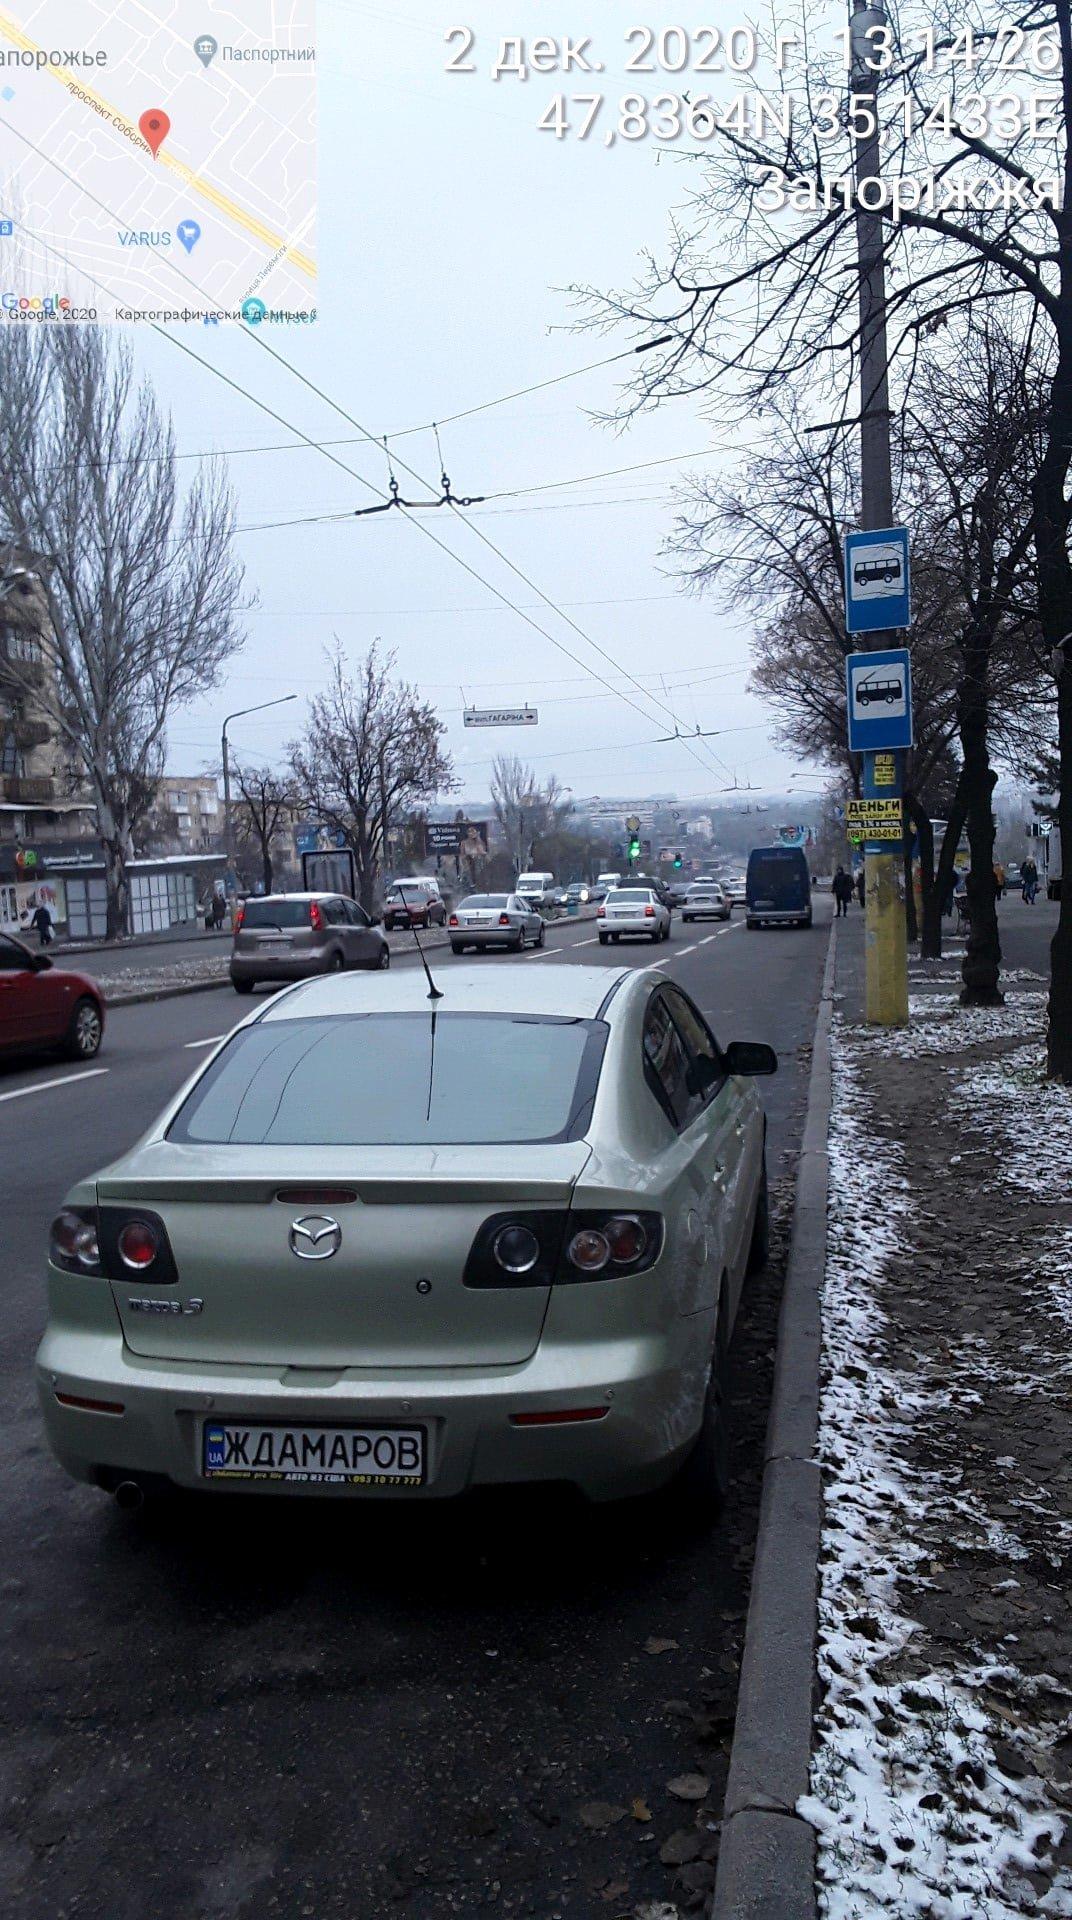 Запорожские инспекторы по парковке напомнили, где нельзя парковаться, и сколько стоит нарушение, - ФОТО, фото-1